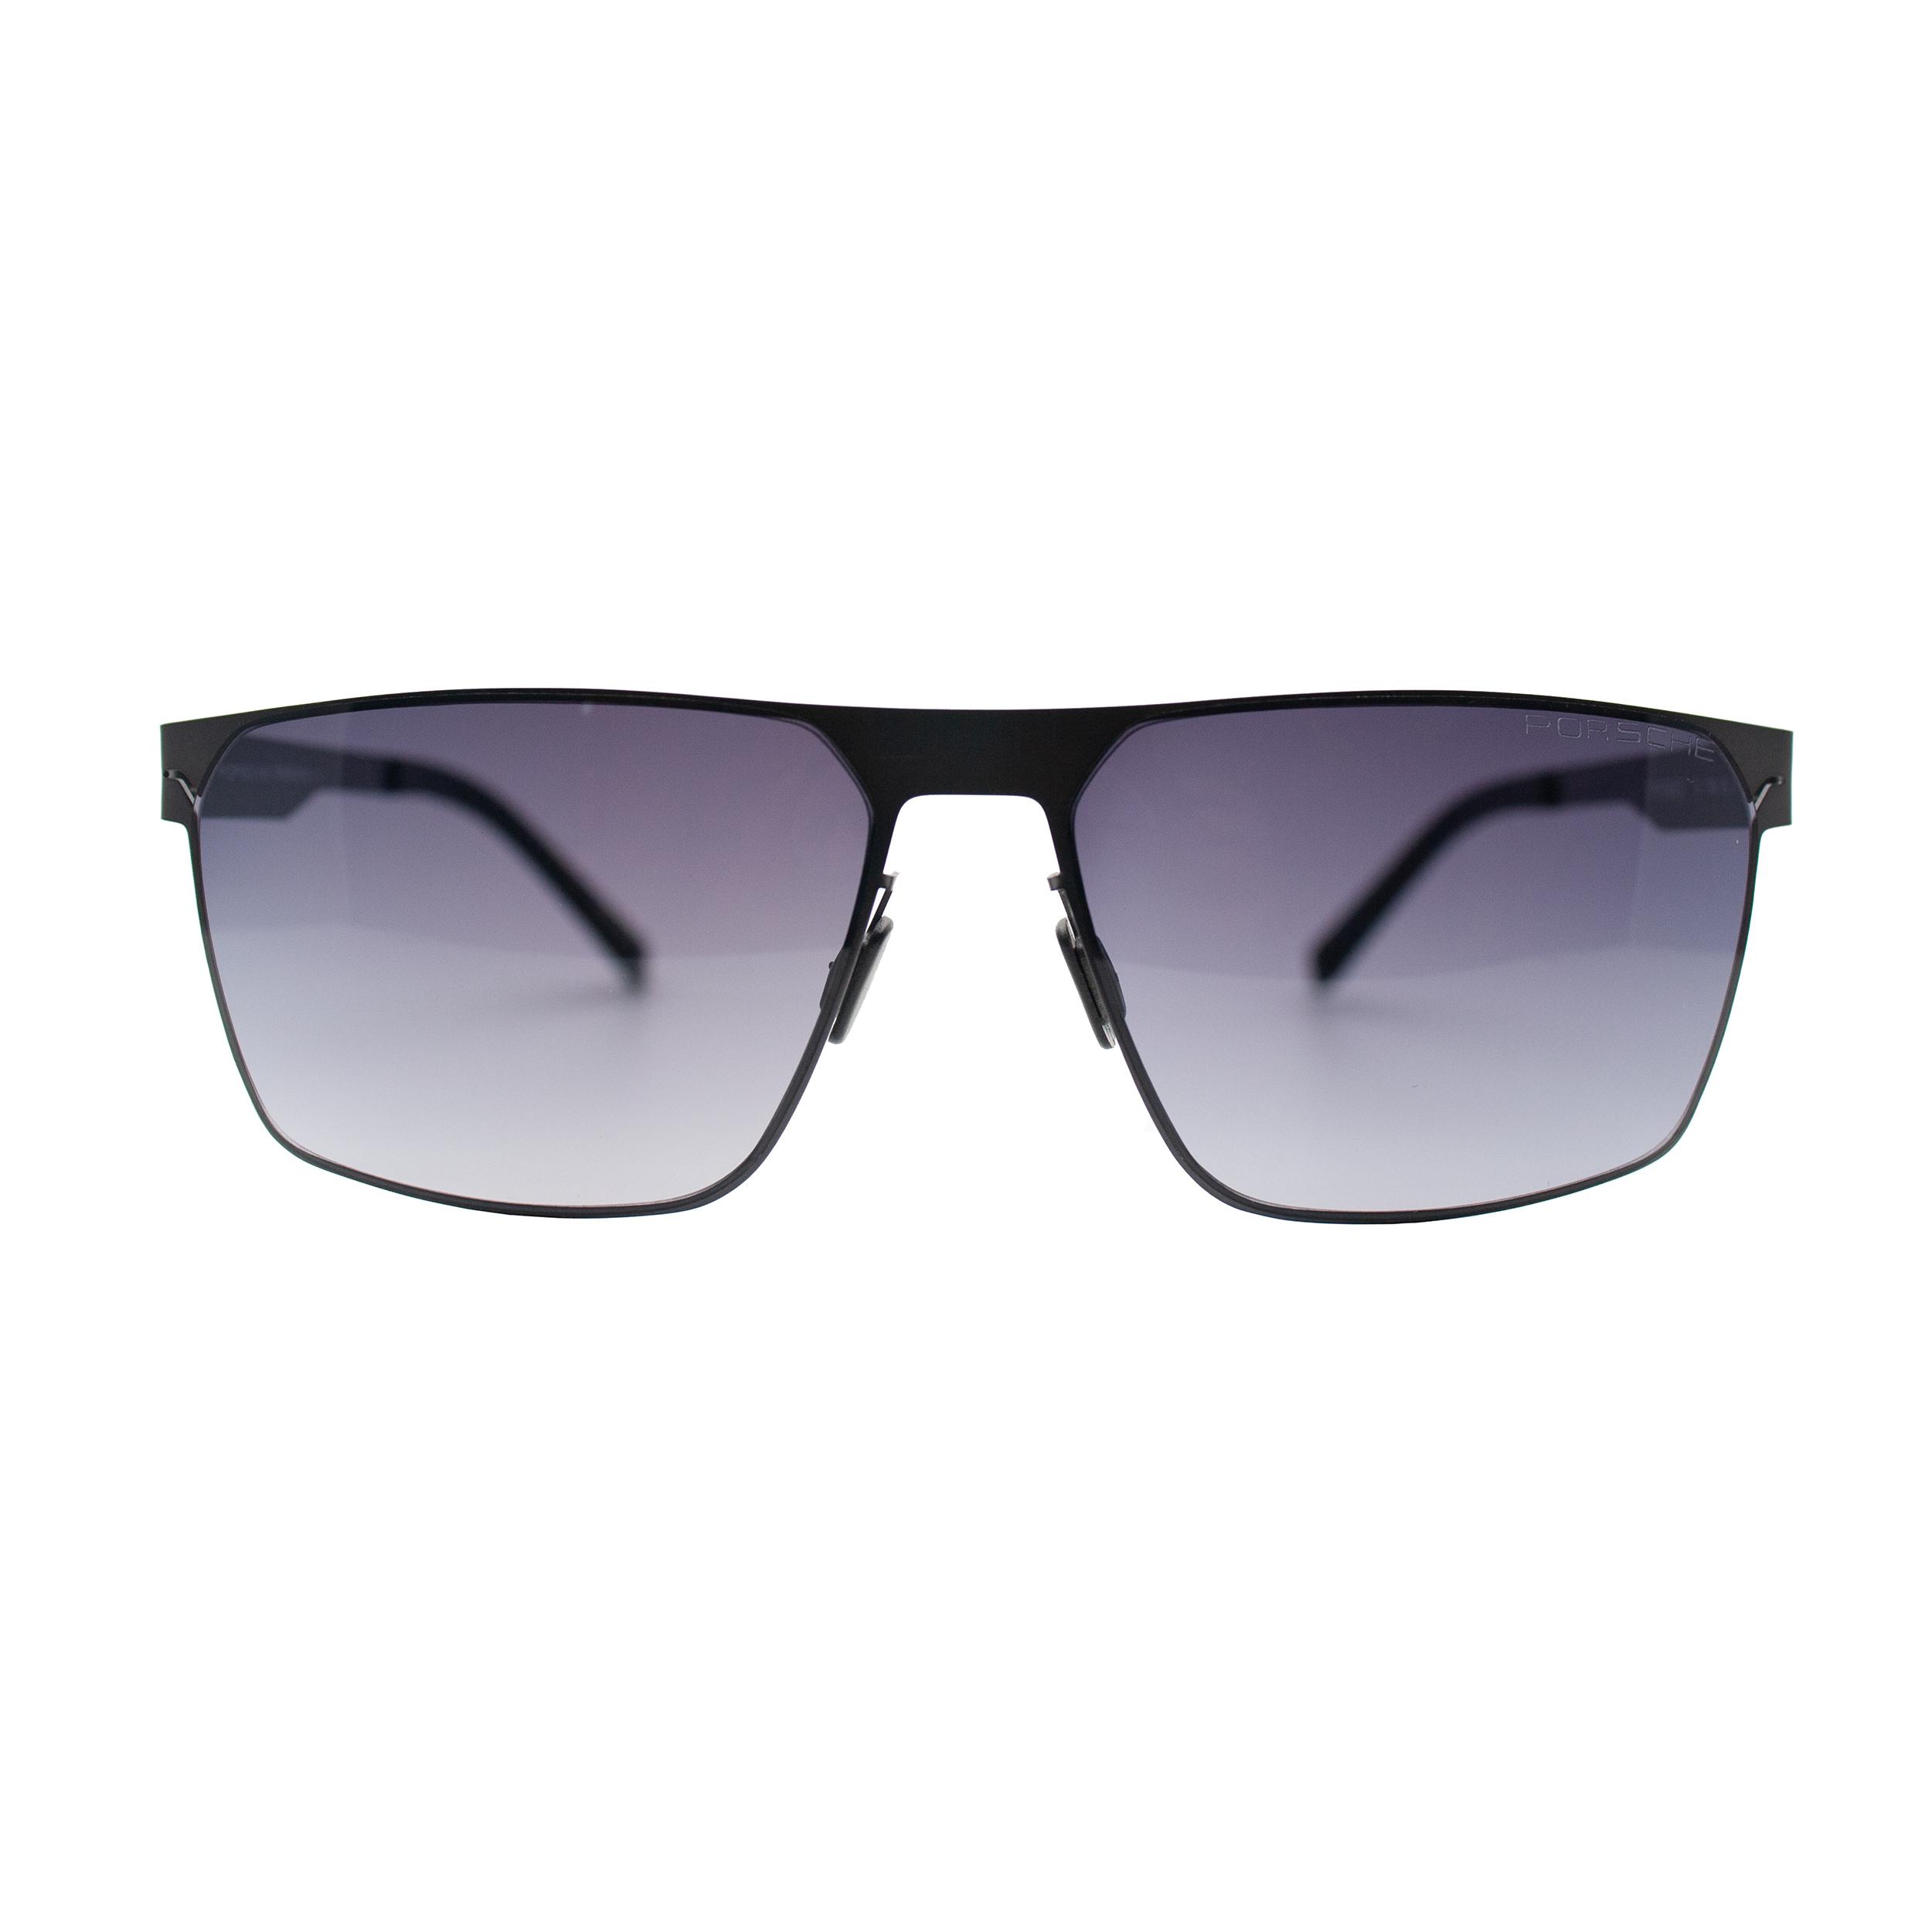 عینک آفتابی پورش دیزاین مدل P8820